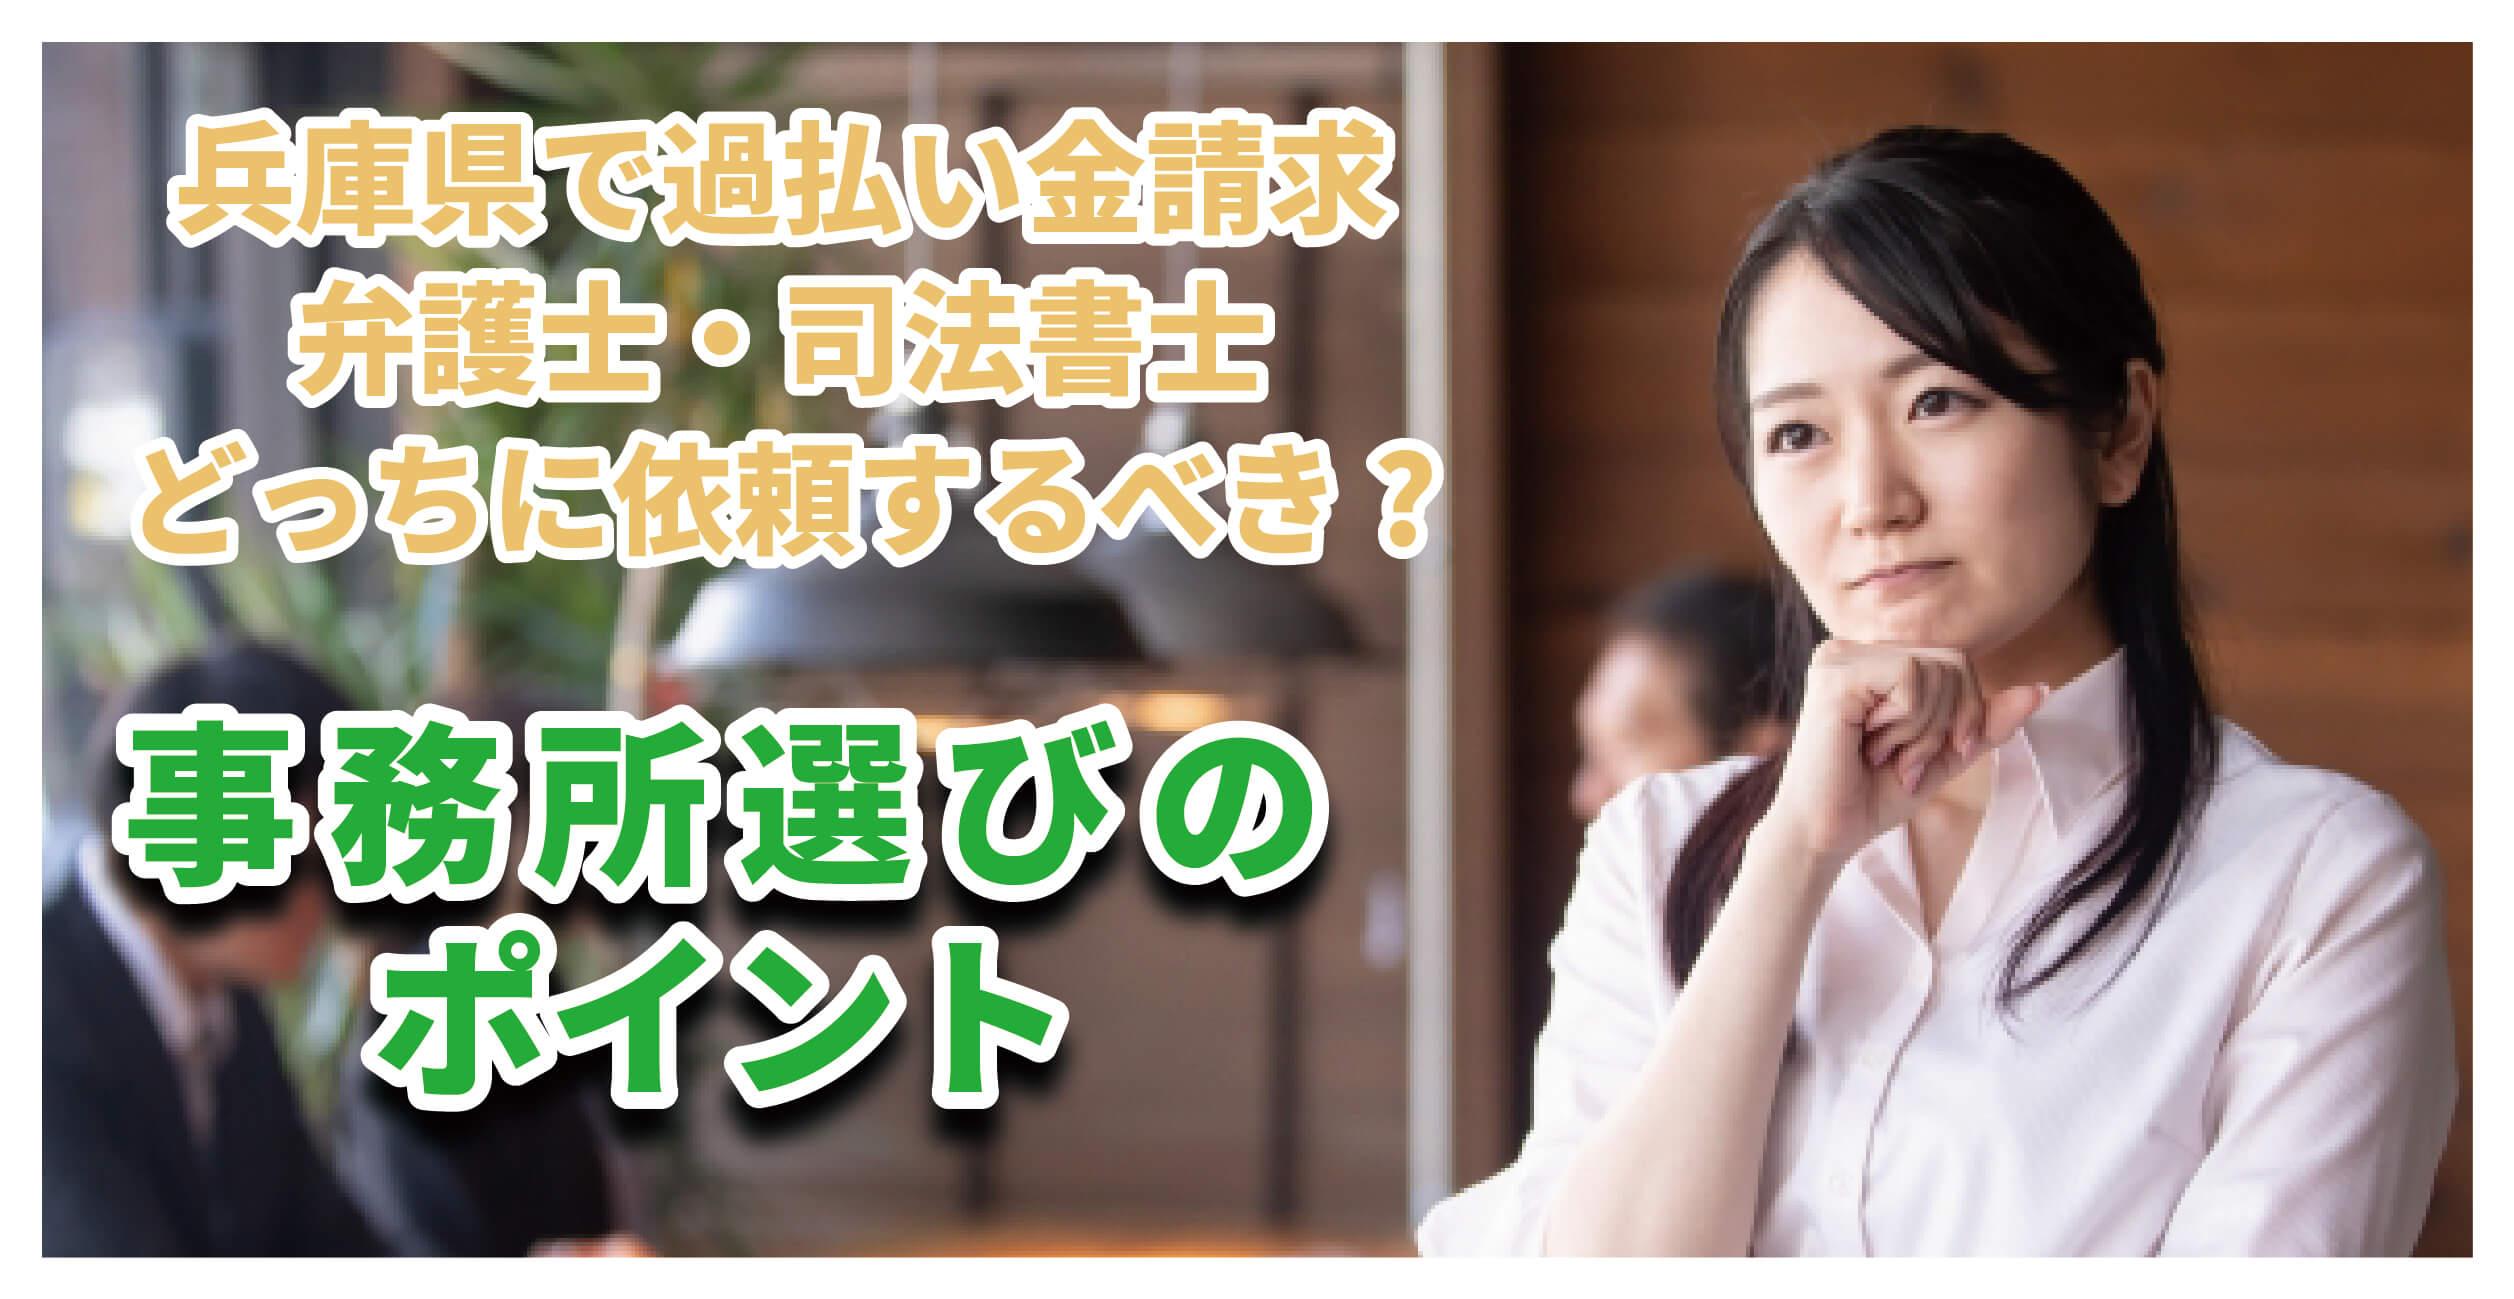 兵庫県で過払い金請求するなら弁護士と司法書士どっちがいいの?事務所選びのポイント